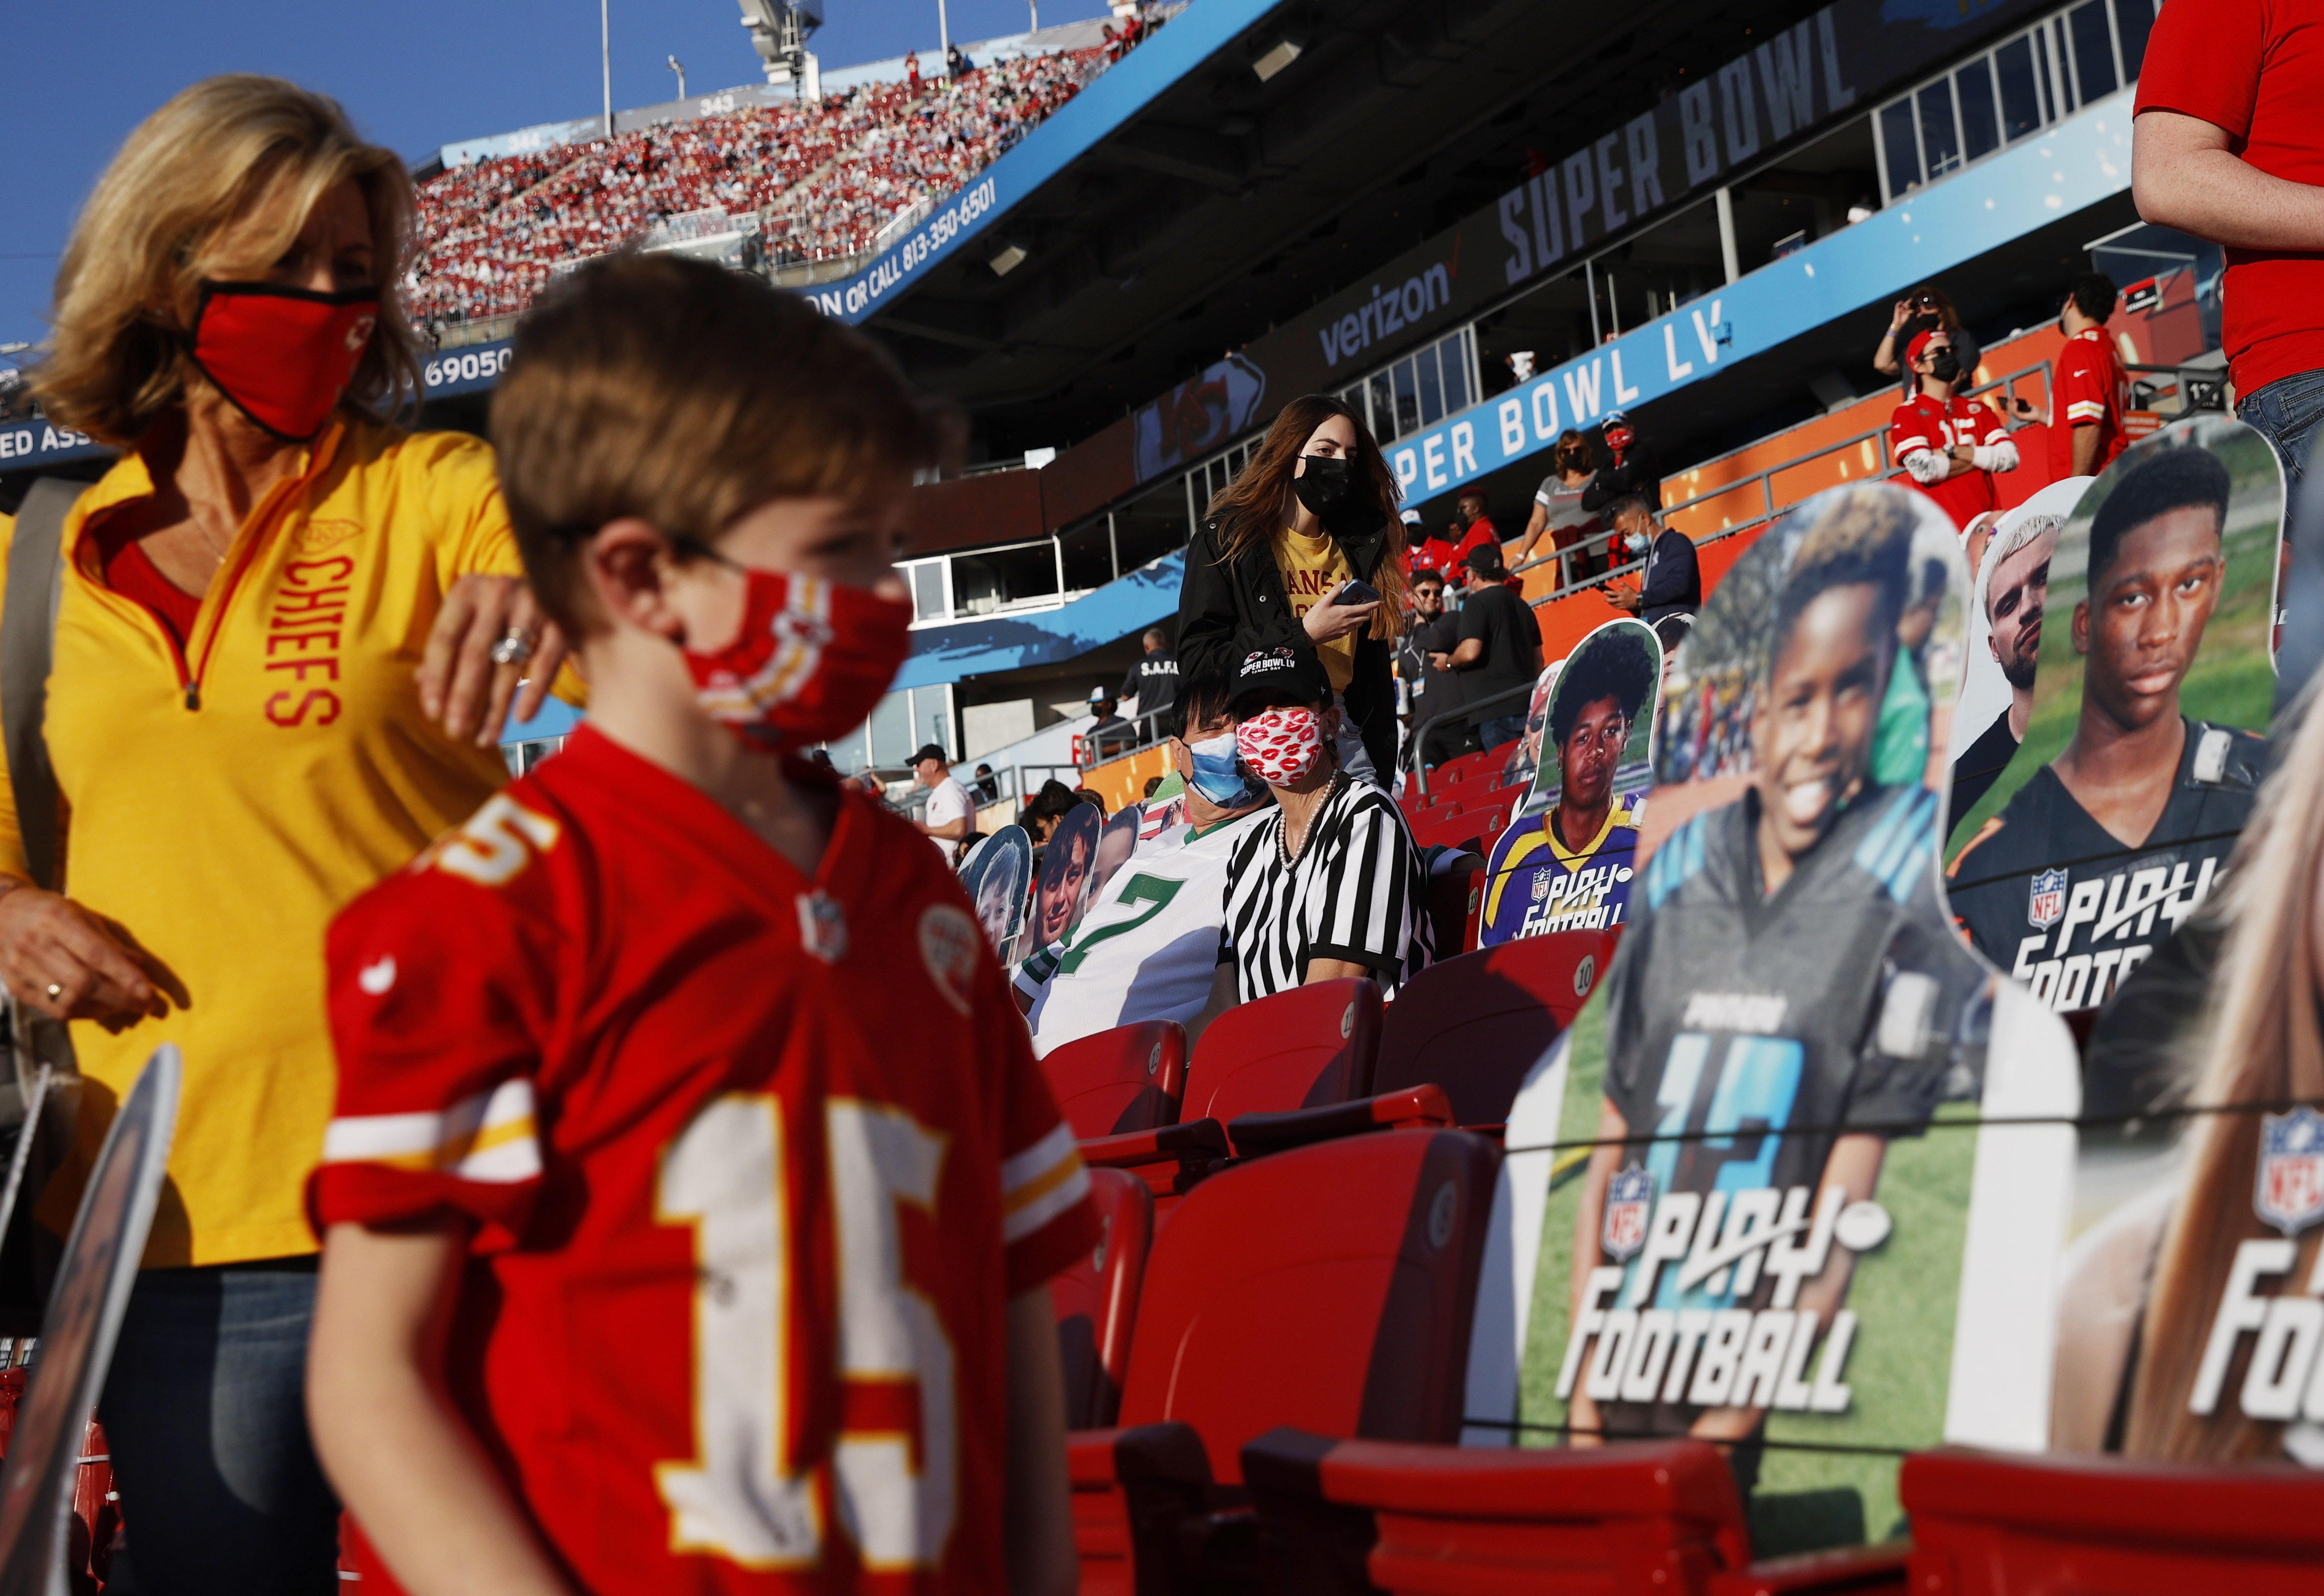 Los pocos fans que pudieron presenciar el Super Bowl LV se encontraron rodeados de imágenes de aquellos que non pudieron estar